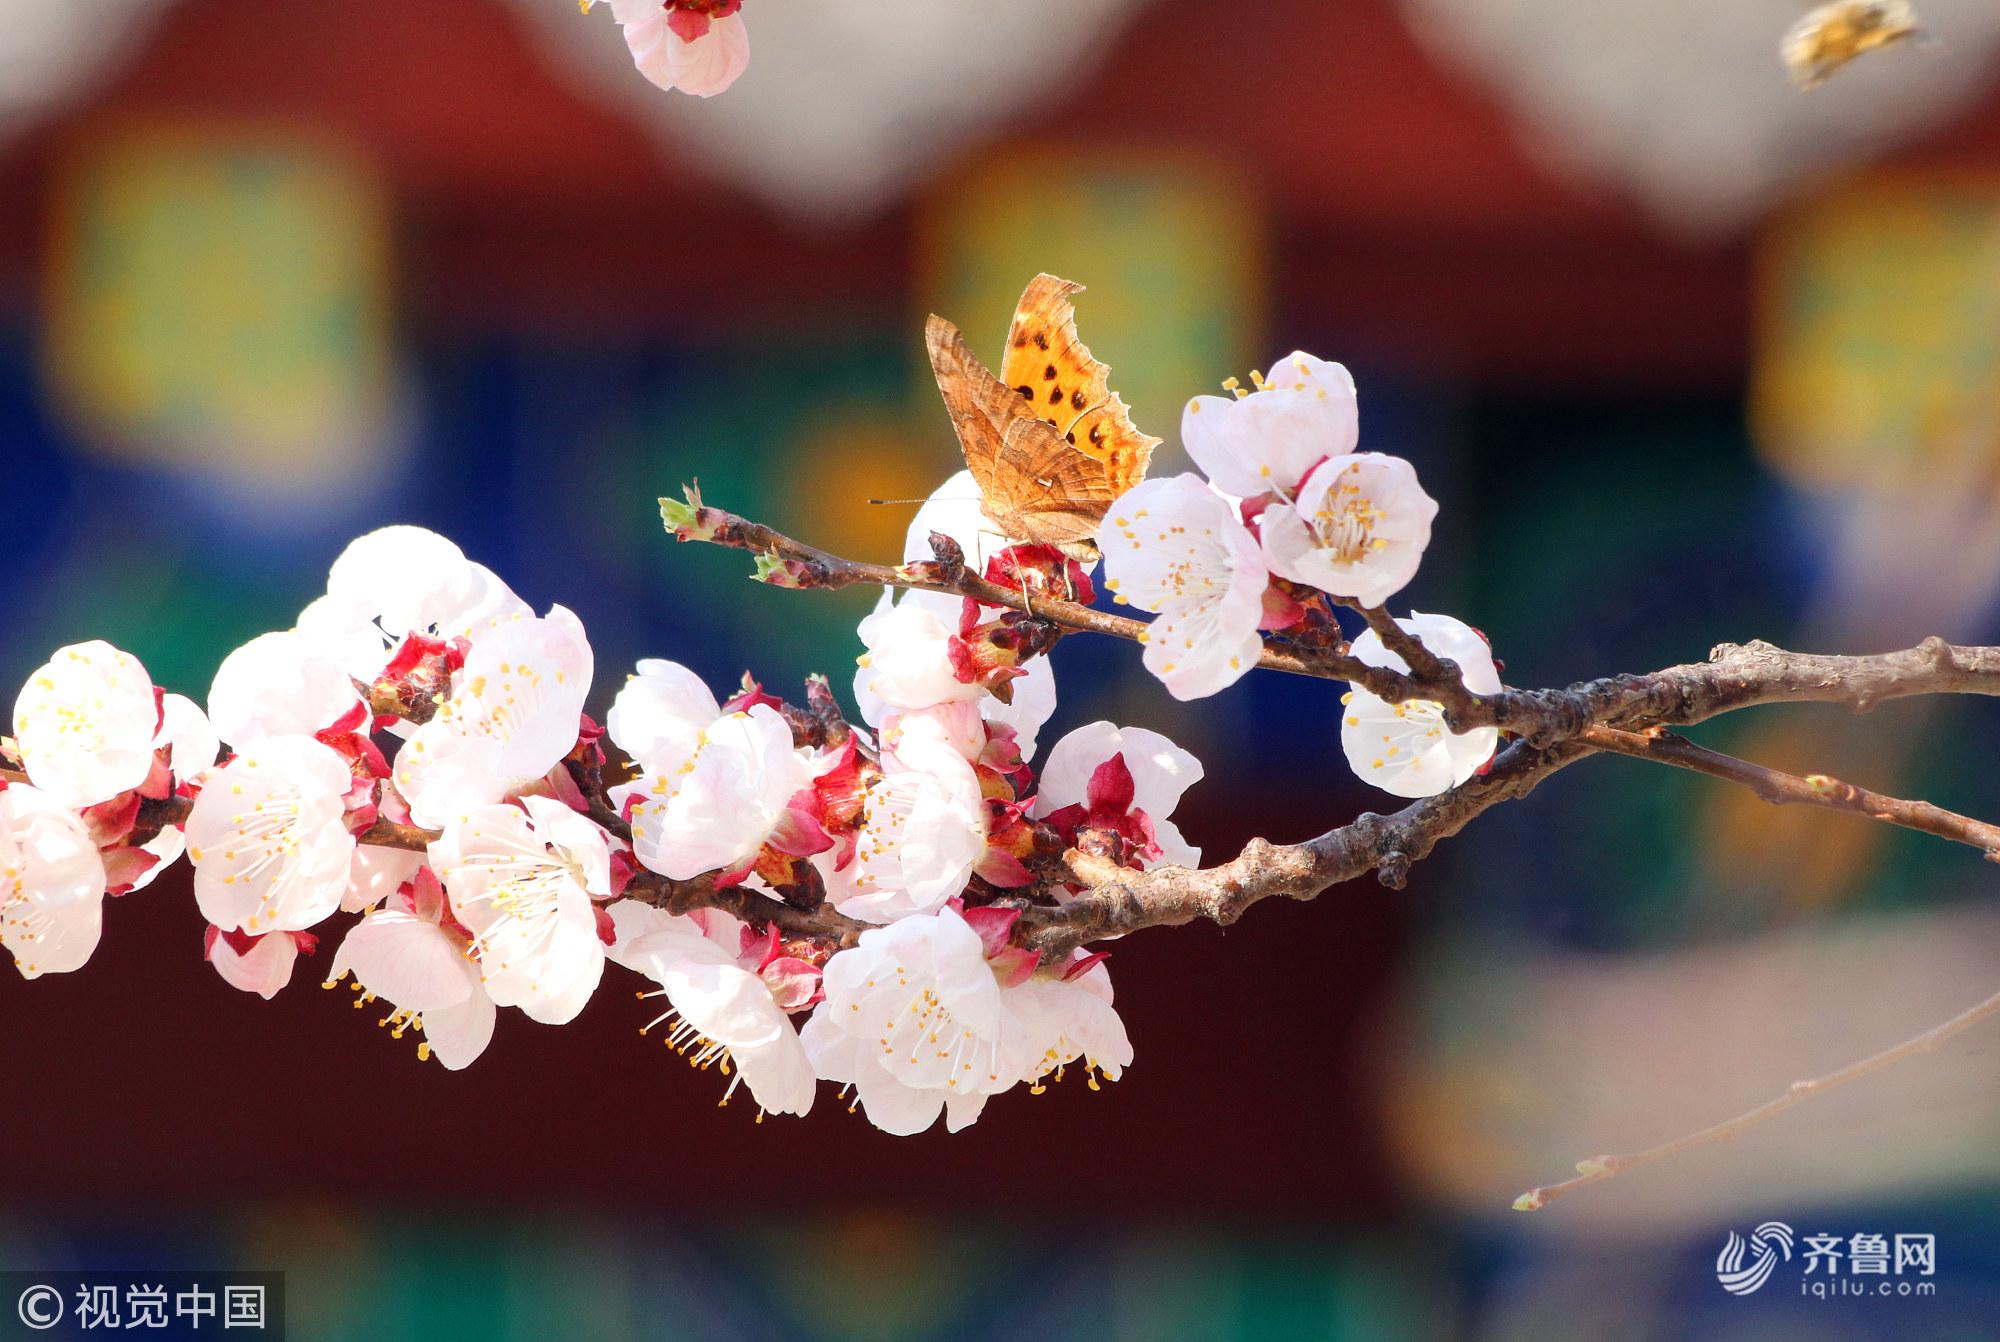 山东济宁:千年孟府花正艳 吸引不少游客前来踏春赏花